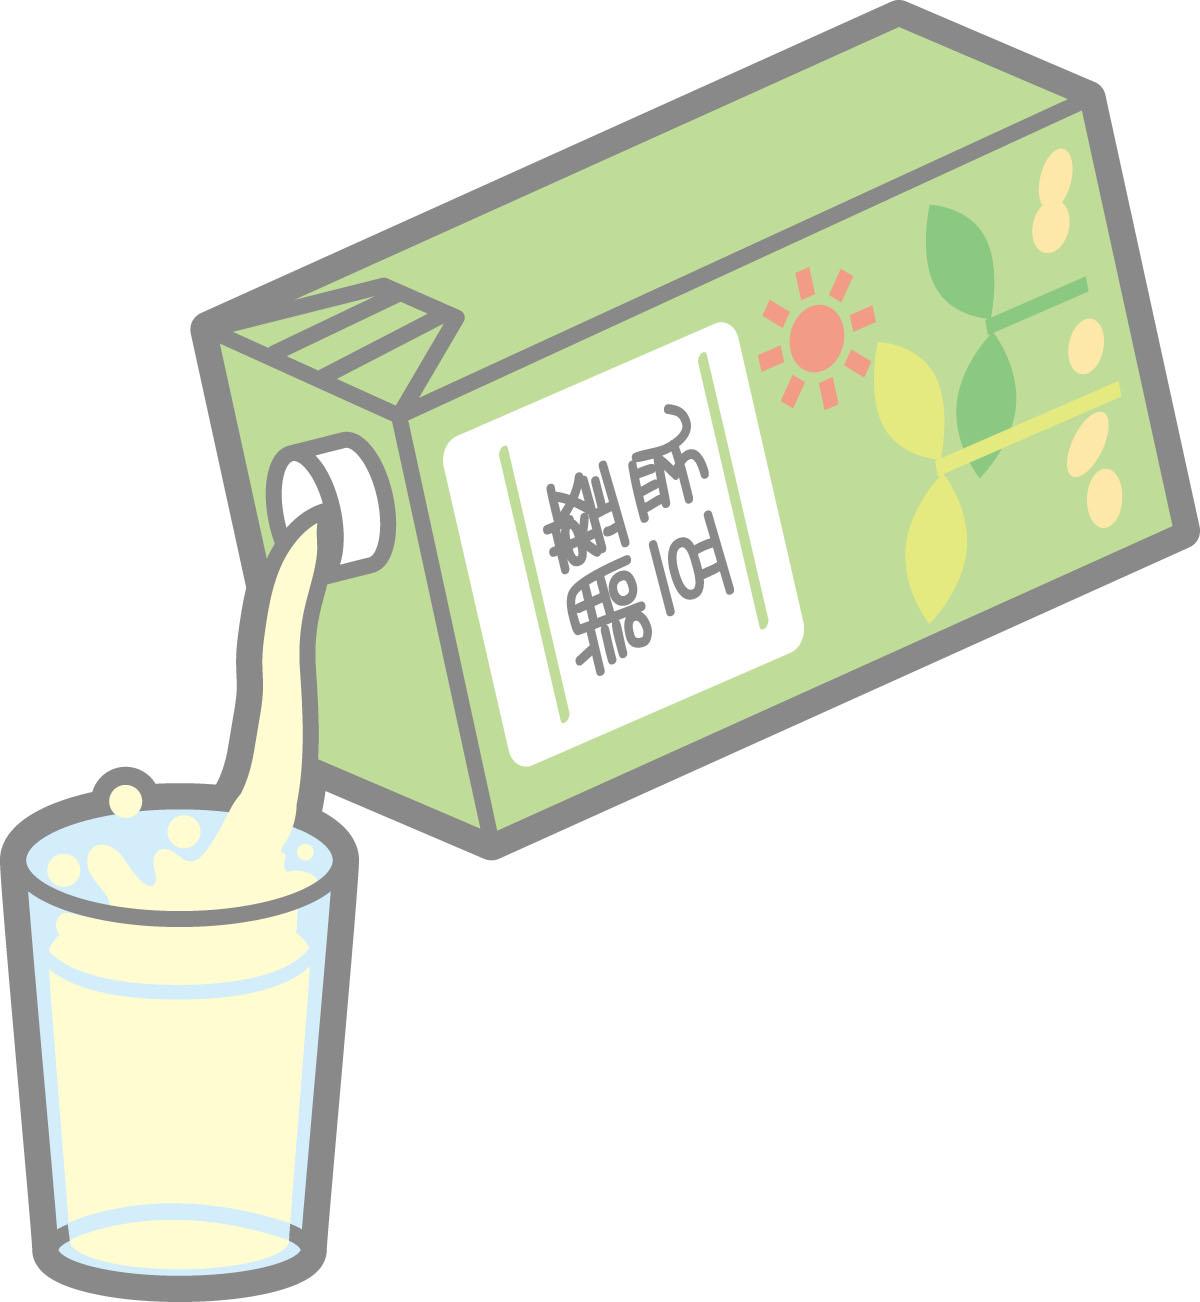 豆乳さん、遂に牛乳を越える!味、栄養、飲みやすさ、調理法…あらゆる面で圧勝